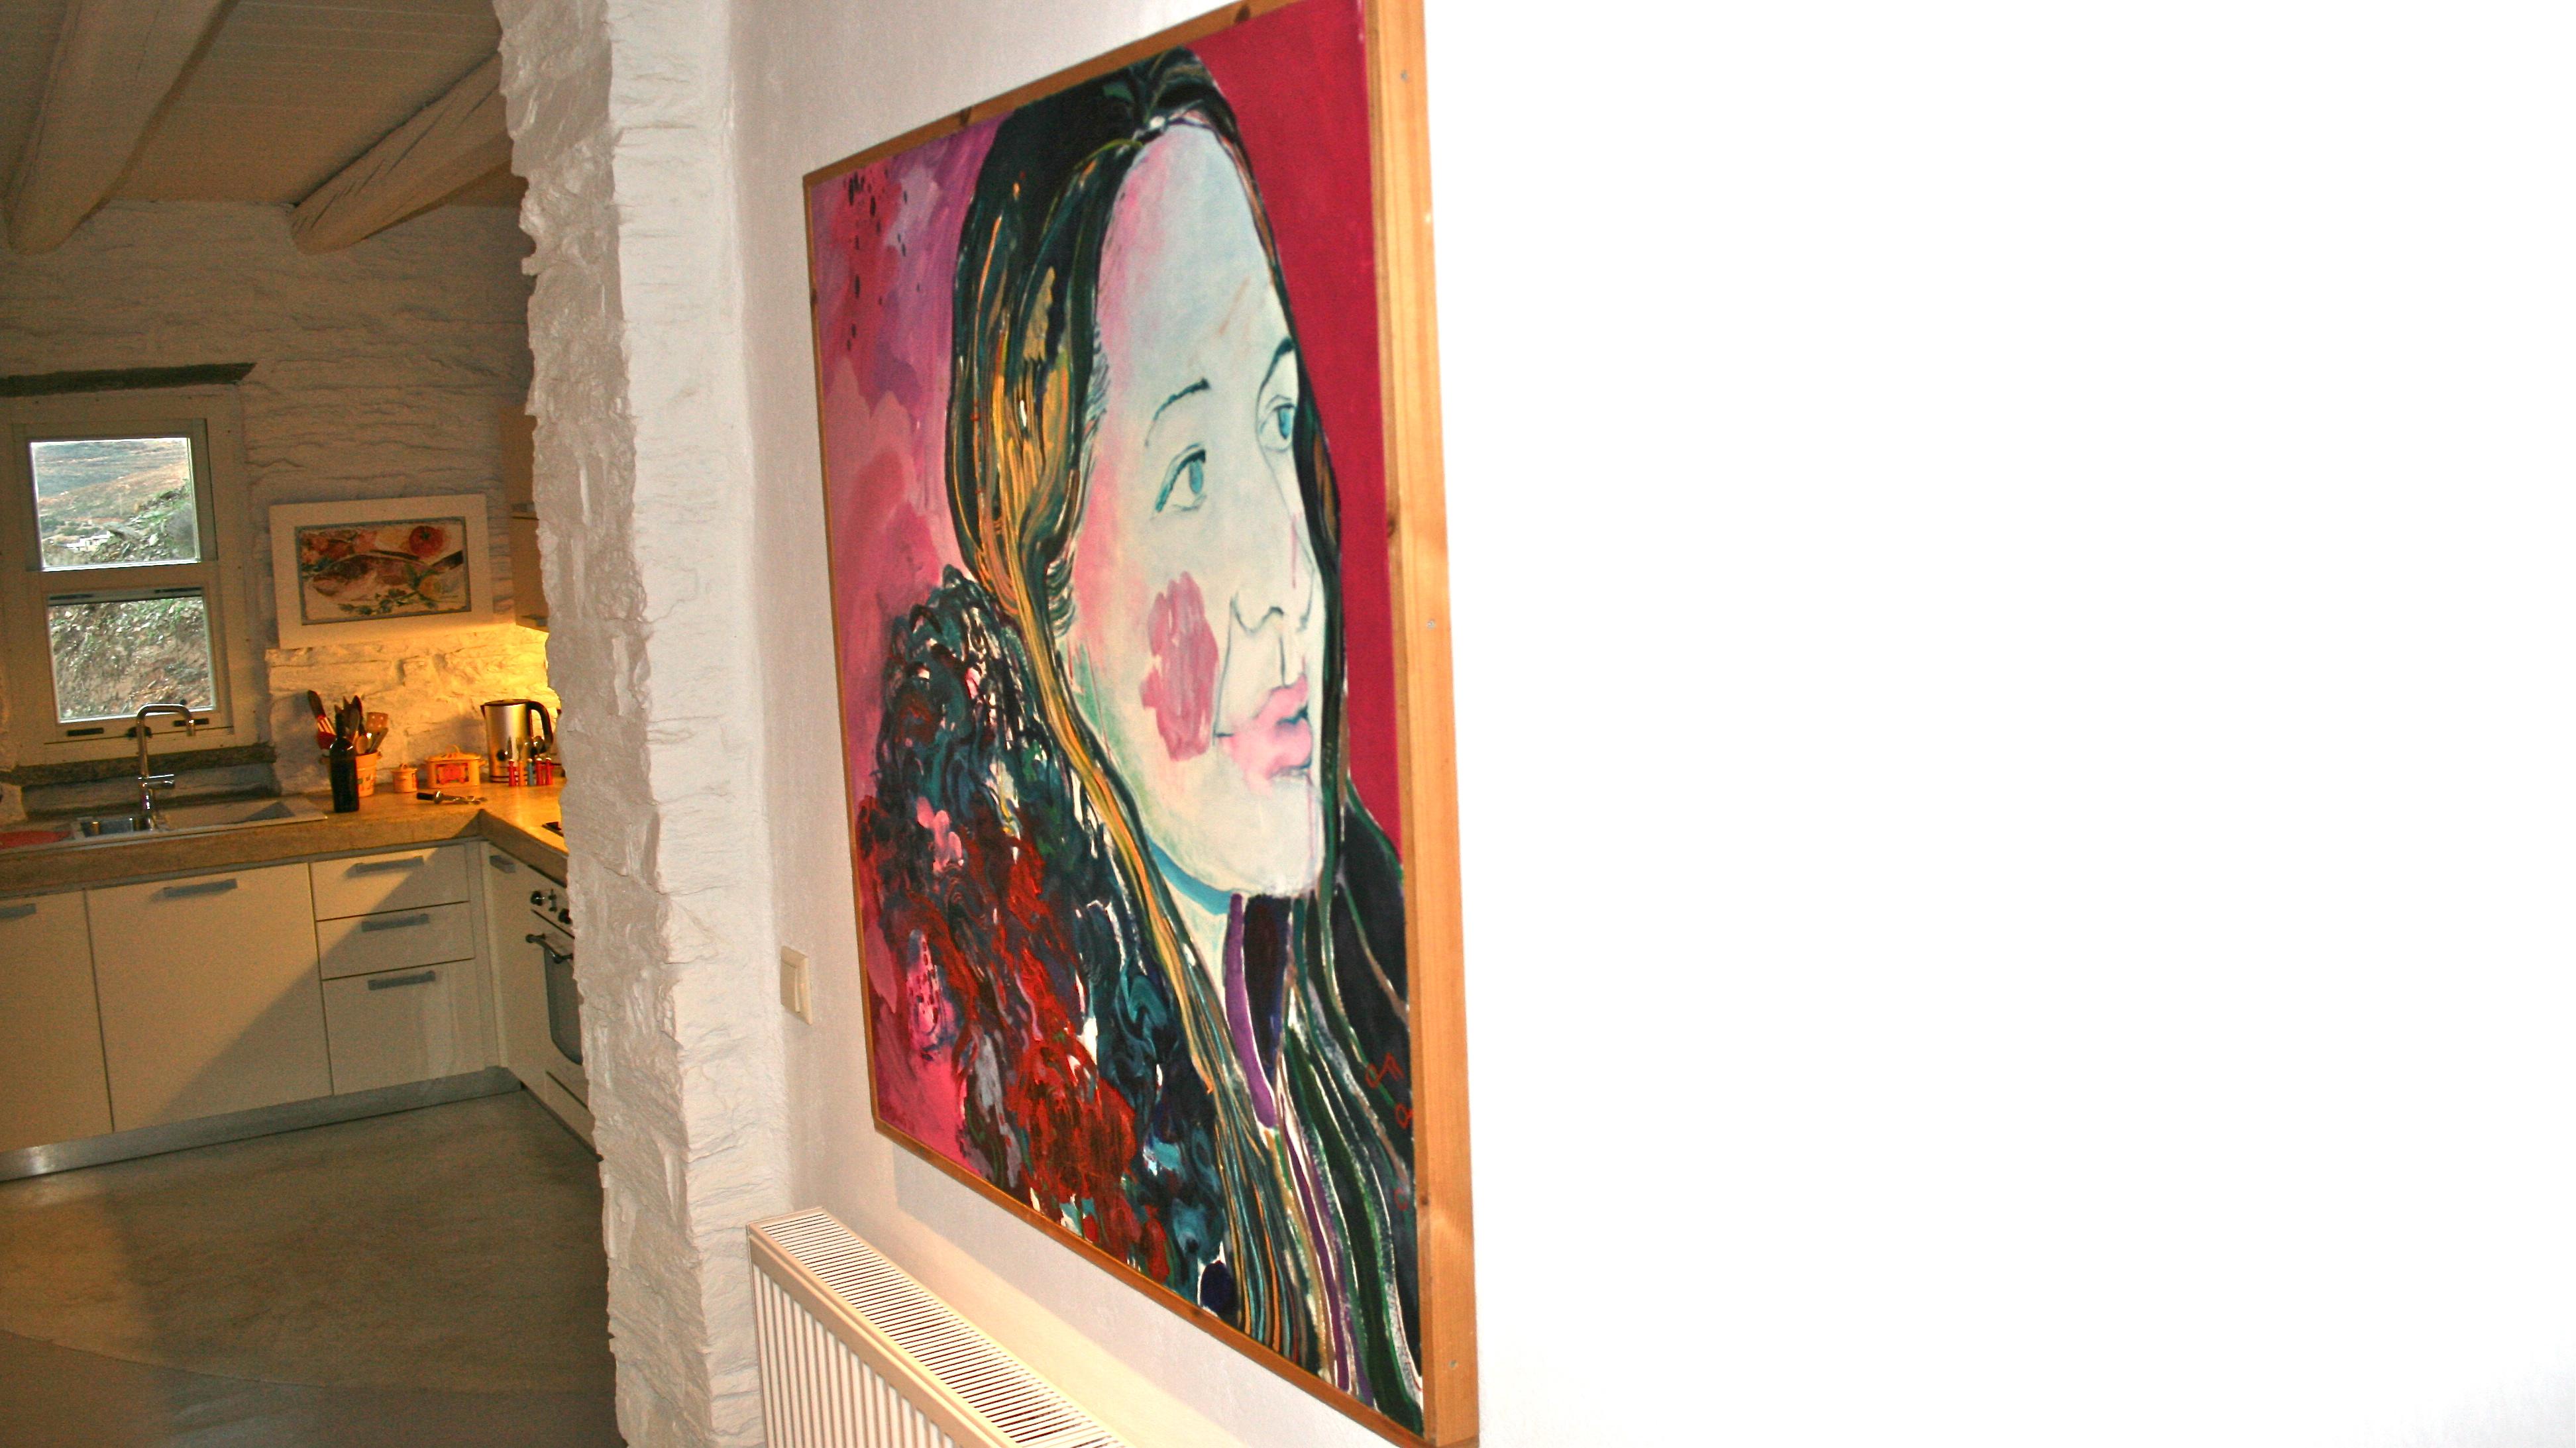 Kea The Art House